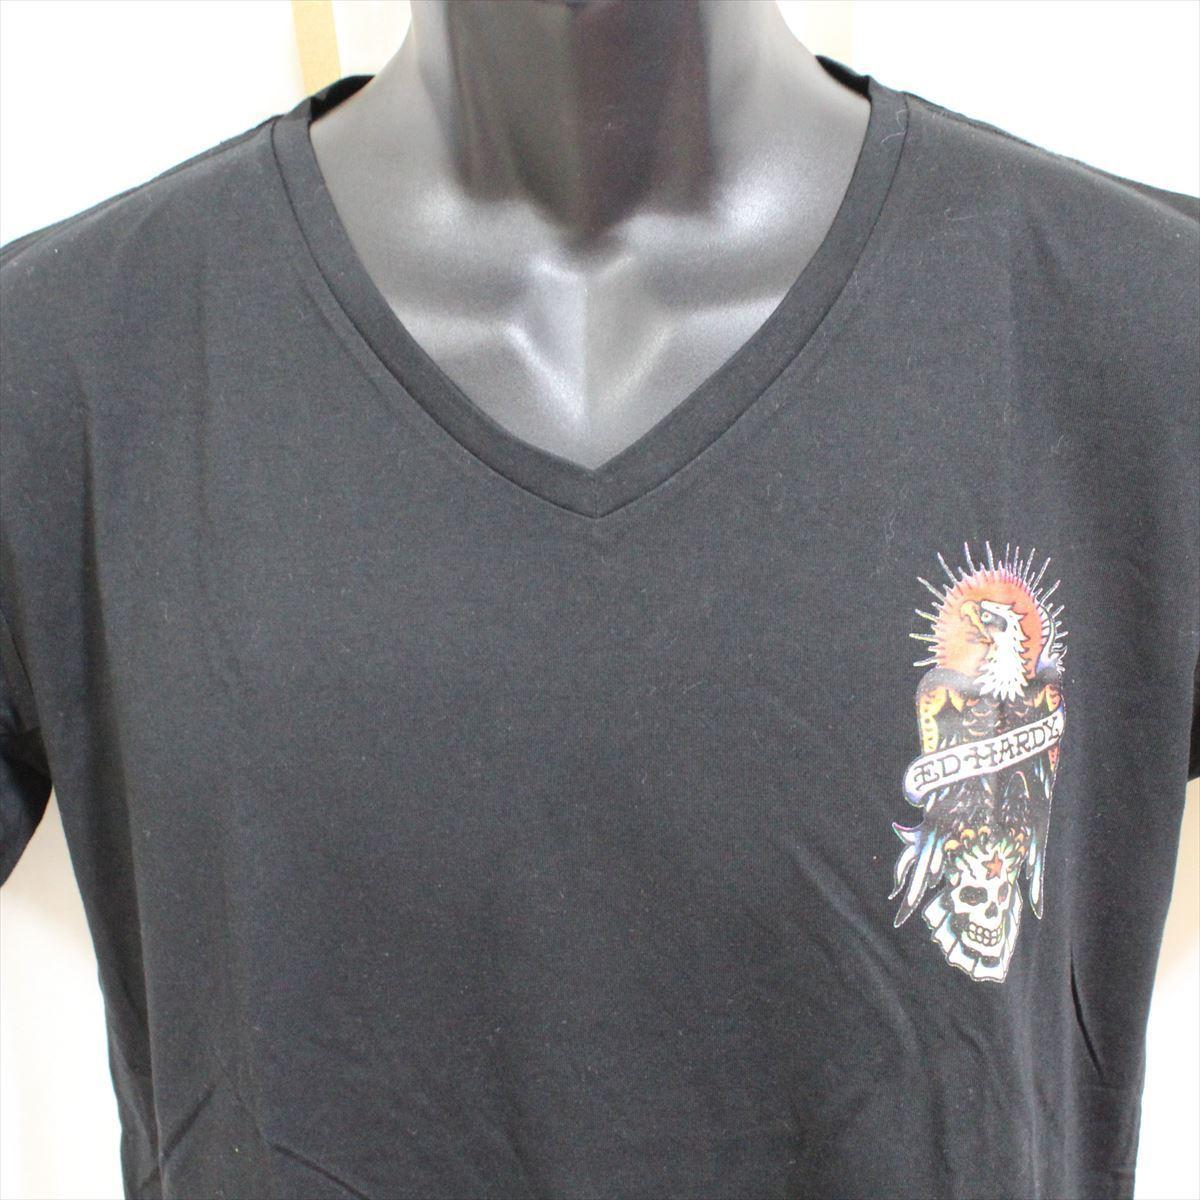 エドハーディー ED HARDY メンズ半袖Tシャツ M02CMV028 ブラック Mサイズ 新品 ドン・エド・ハーディー_画像2